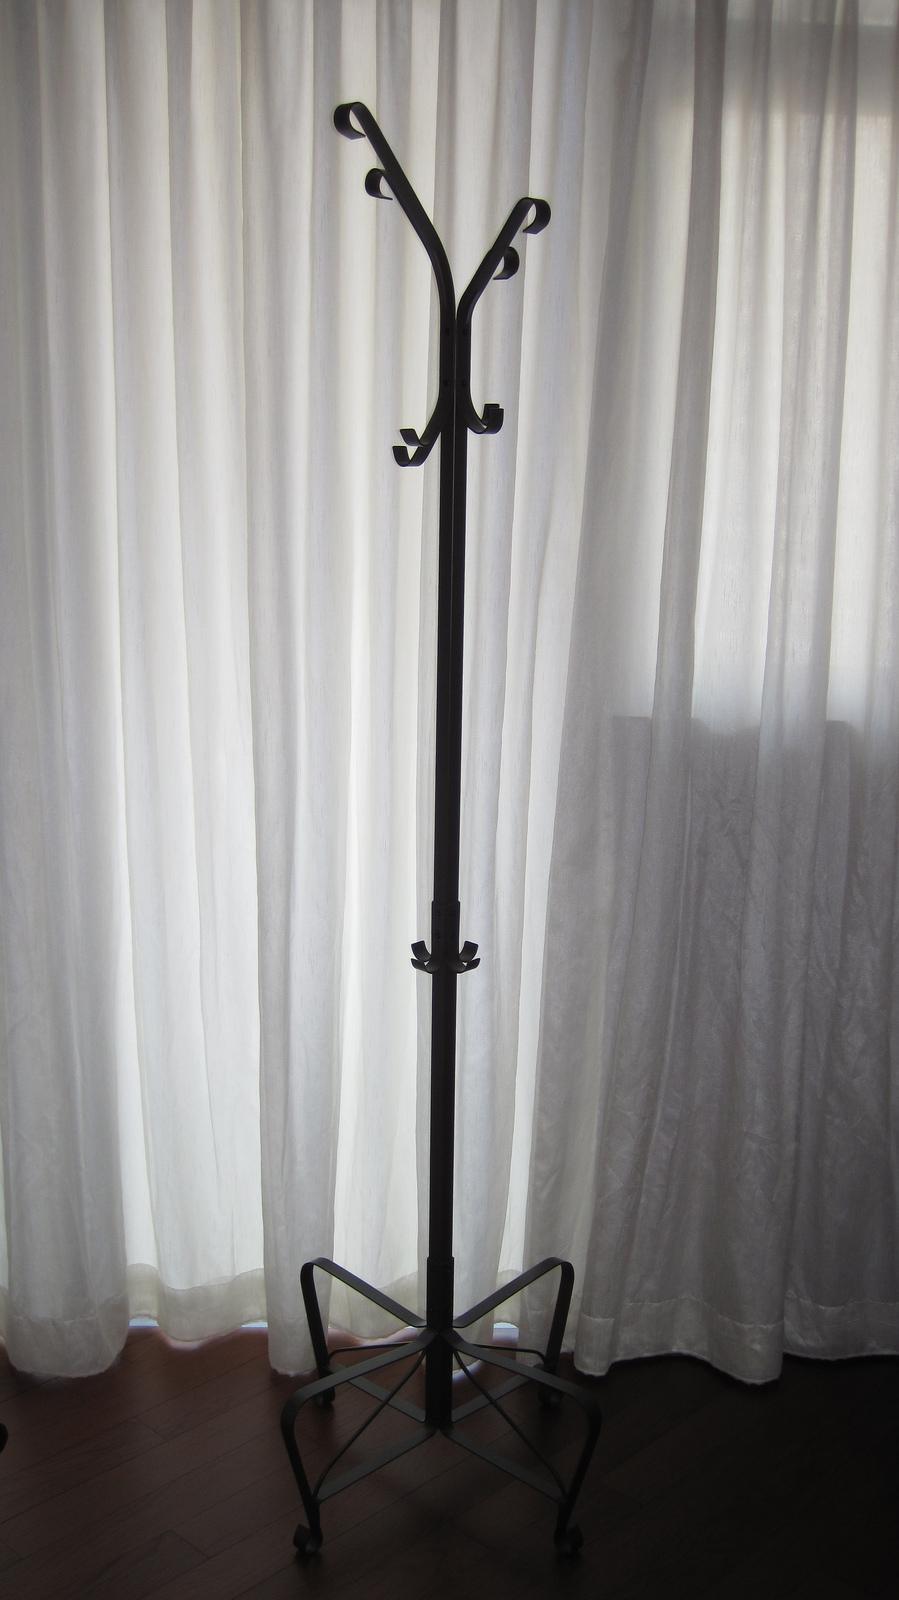 møbler-elegant-klud-bøjle-møbler-til-stue-områder-med-sort-jern-ikea-coat-står-imponerende-møbler-til-soveværelse-med-ikea-coat-stande